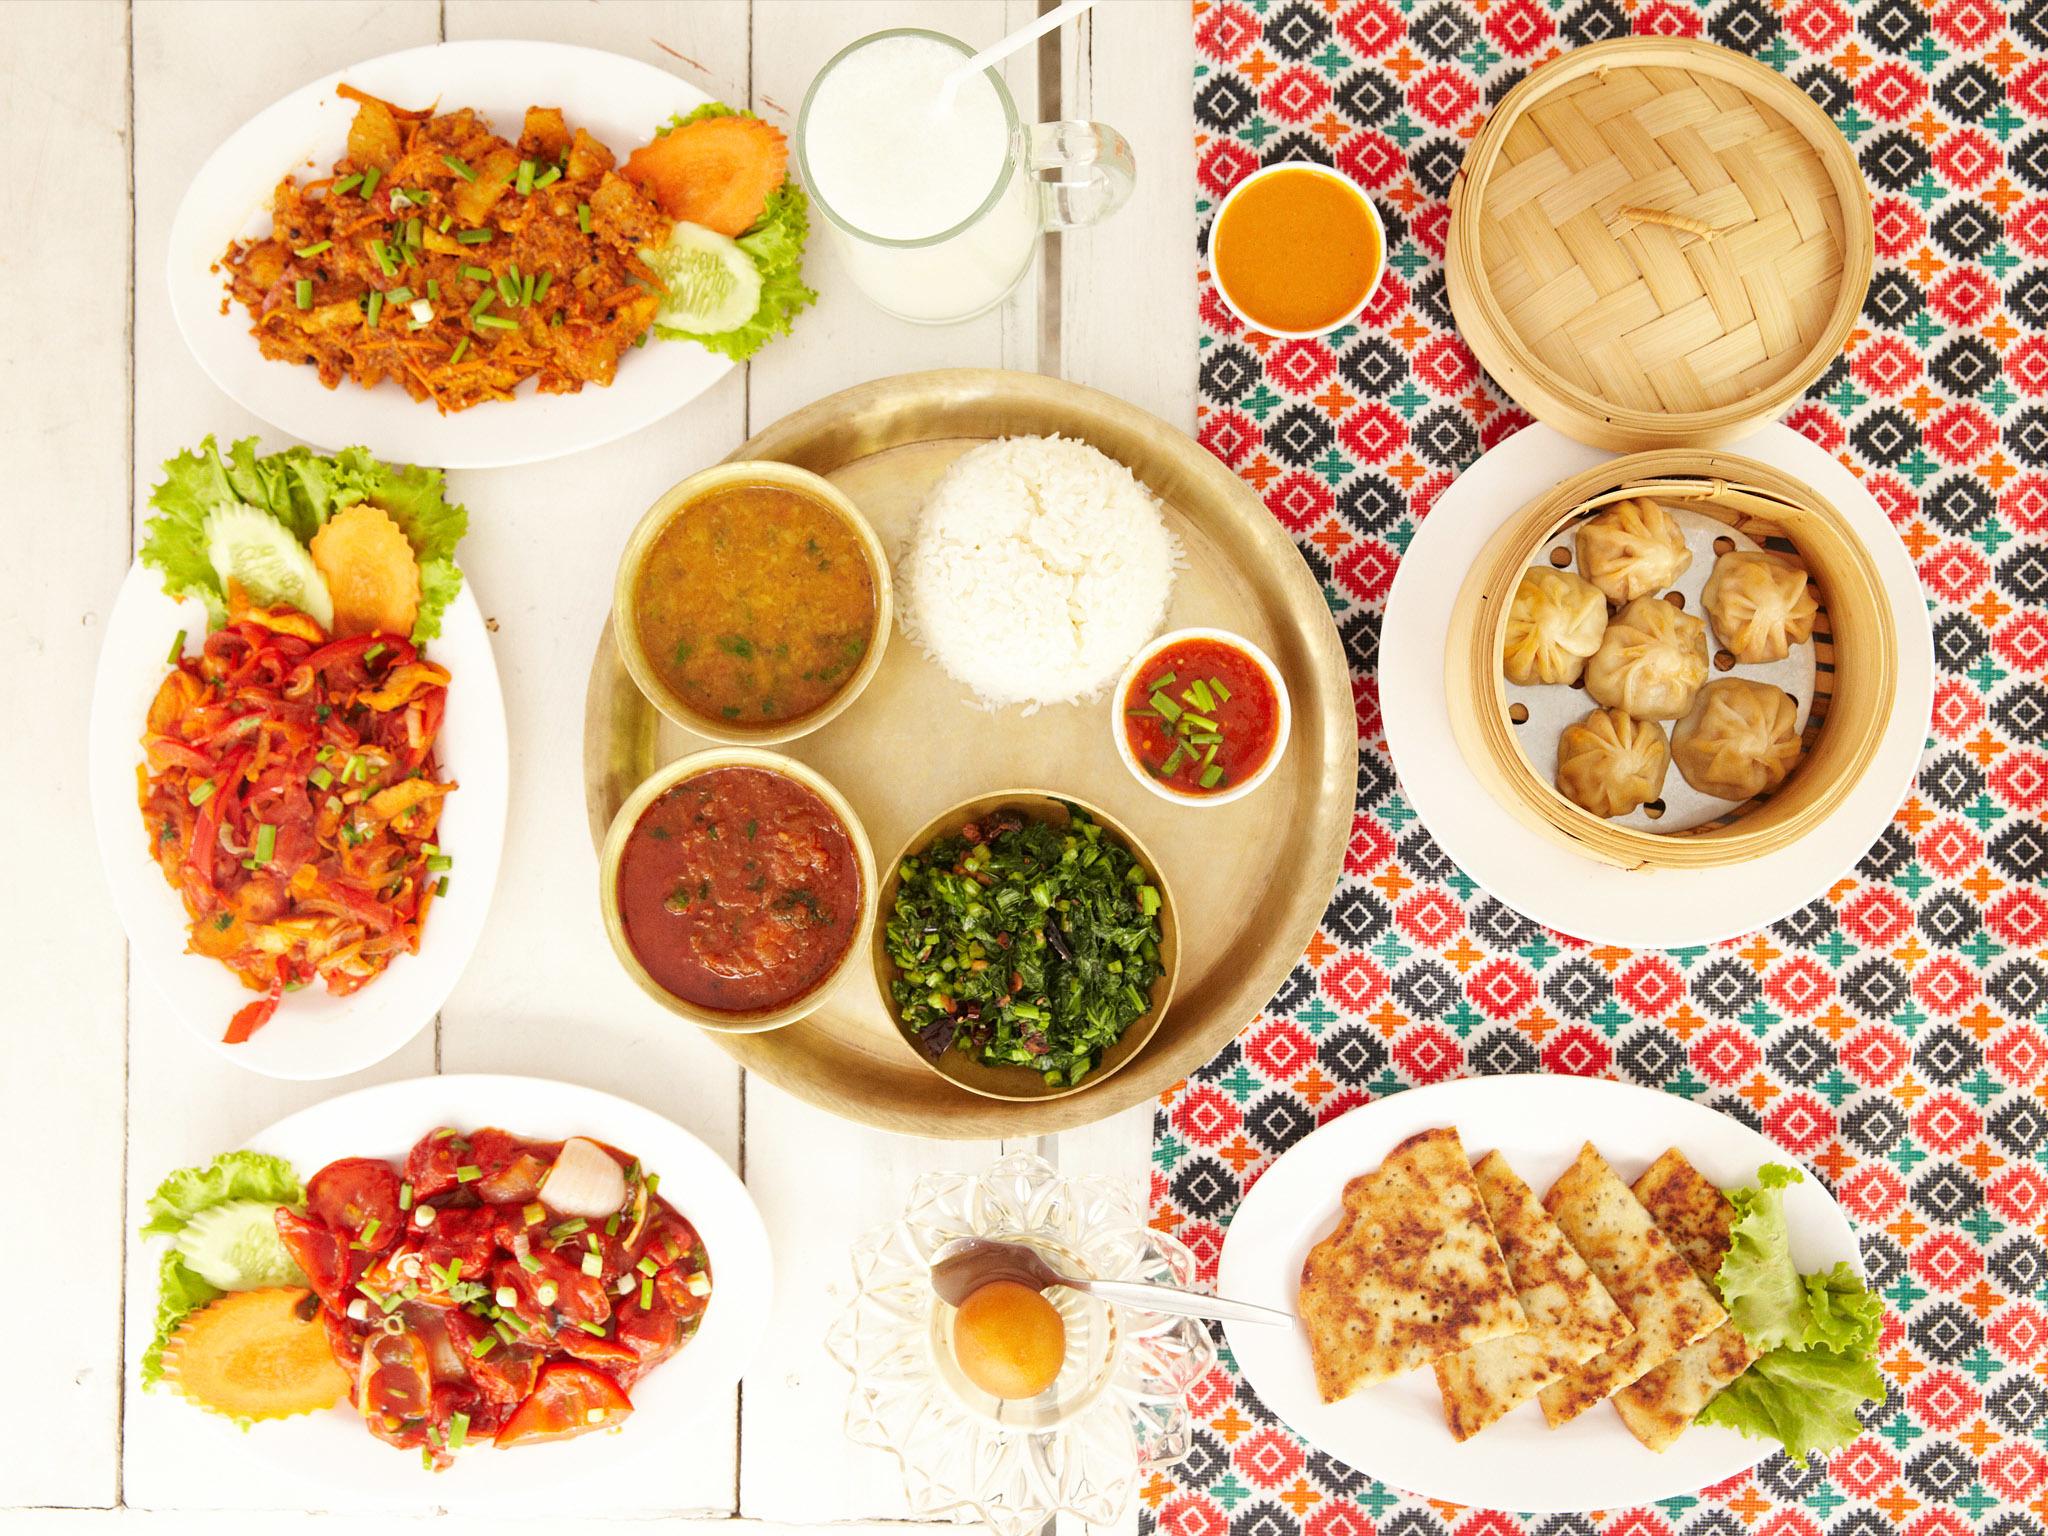 5 ร้านอาหารอินเดียที่คุณต้องลองในกรุงเทพฯ